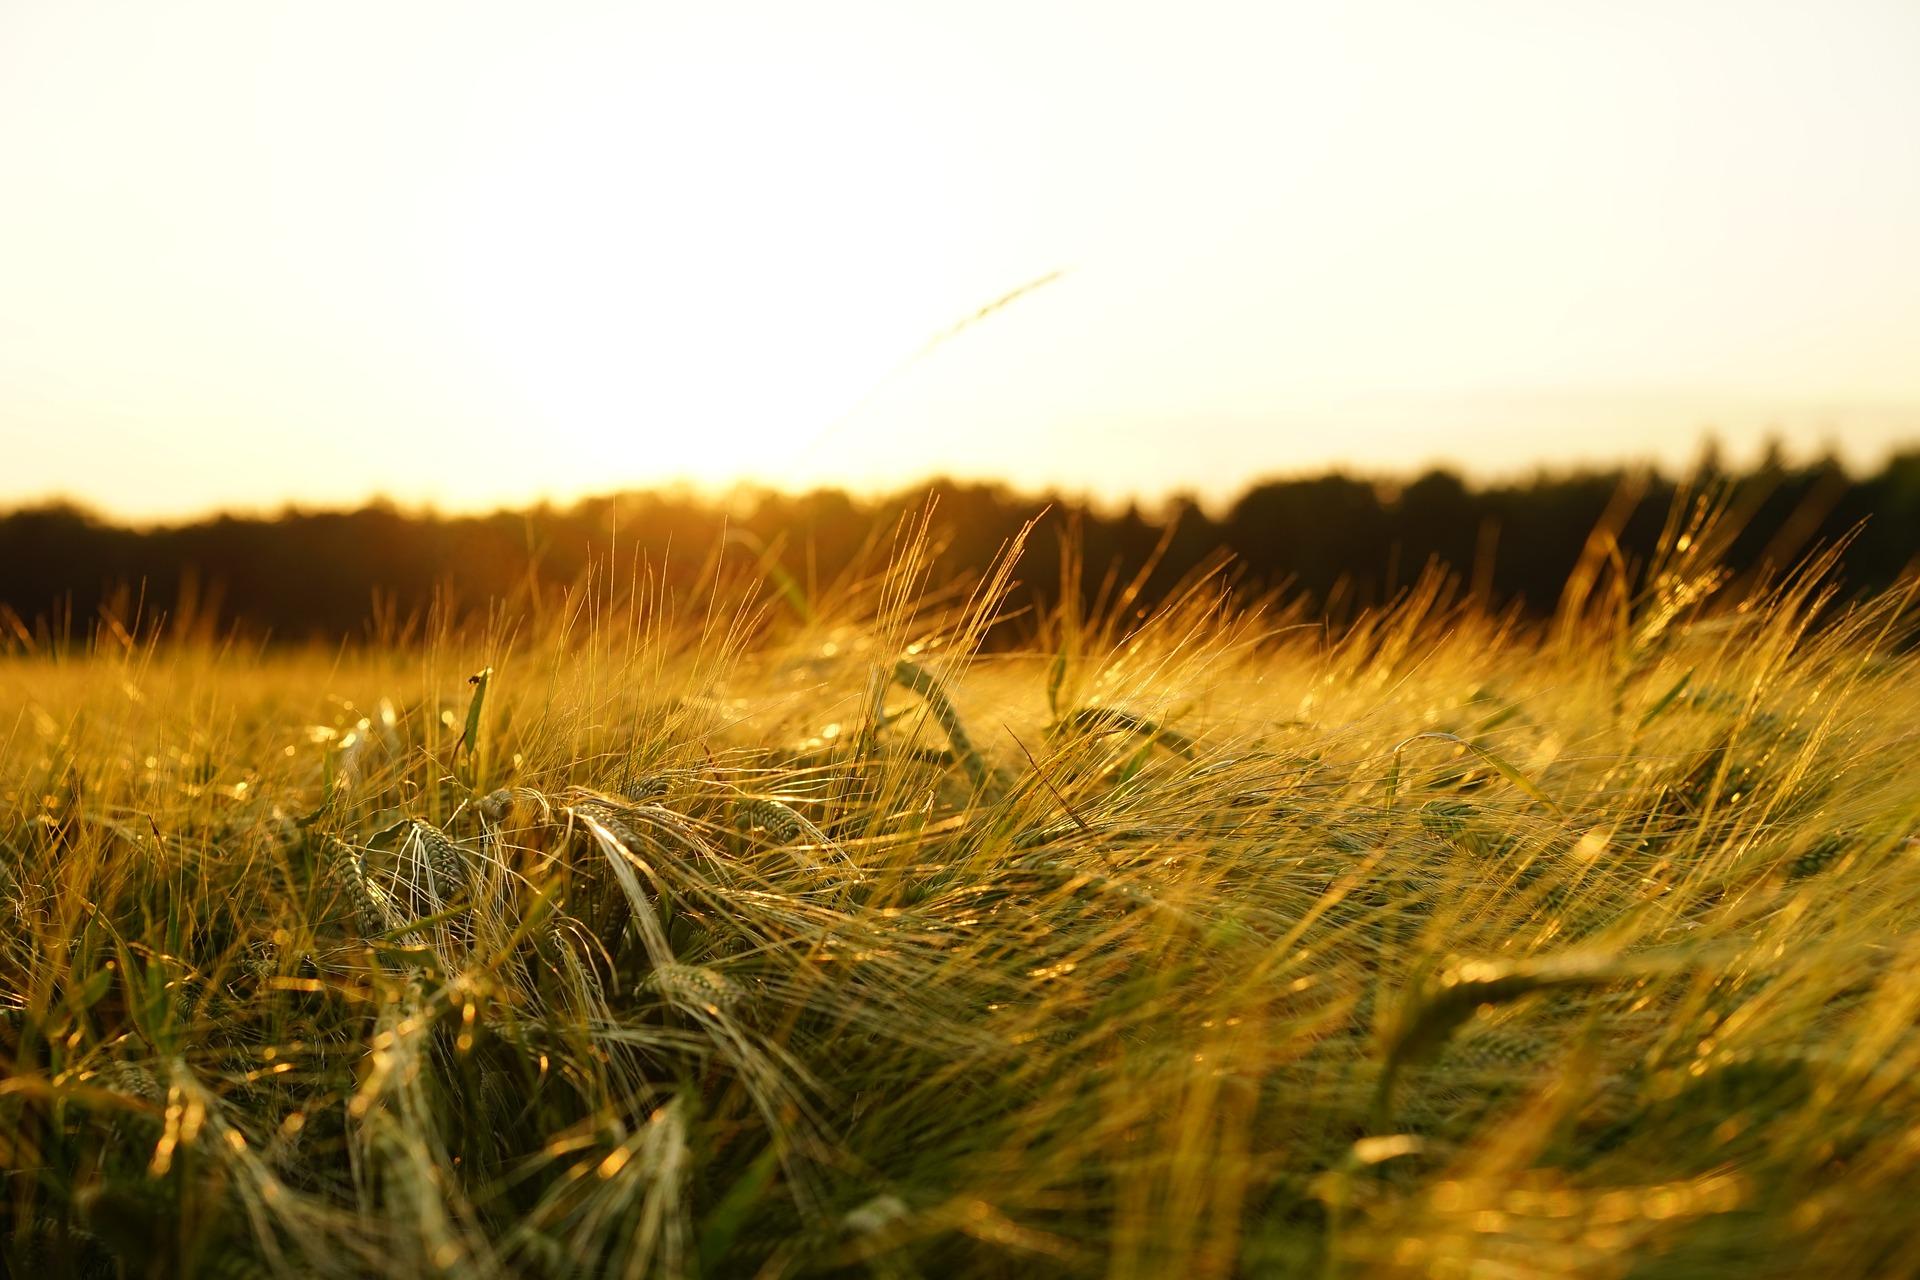 barley-1117282_1920.jpg